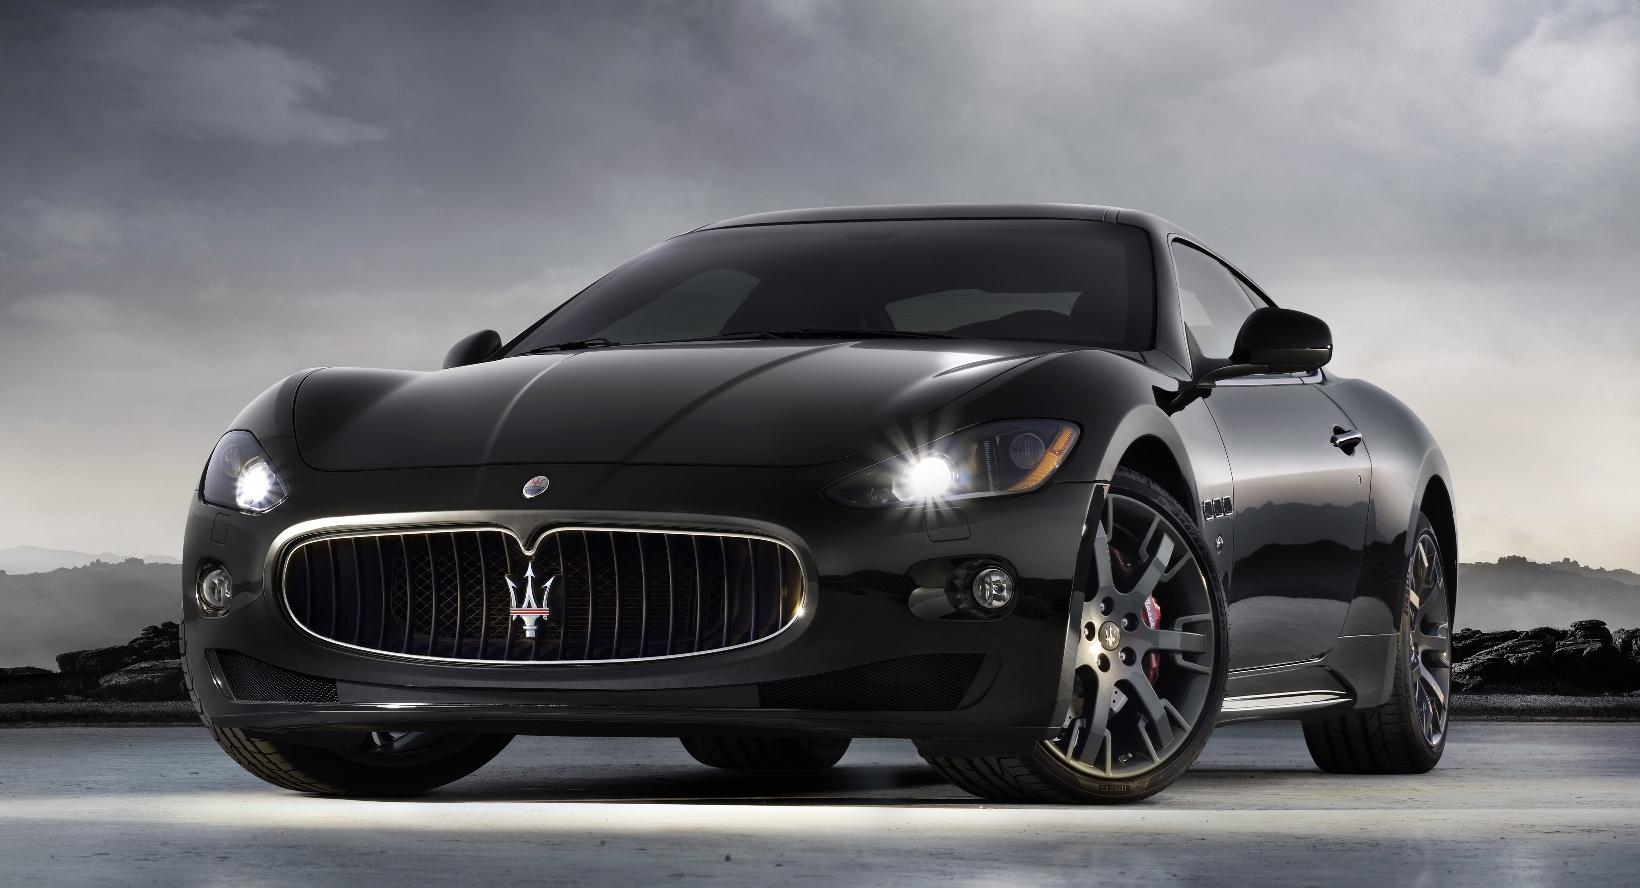 Maserati GranTurismo S ab 127 330 Euro